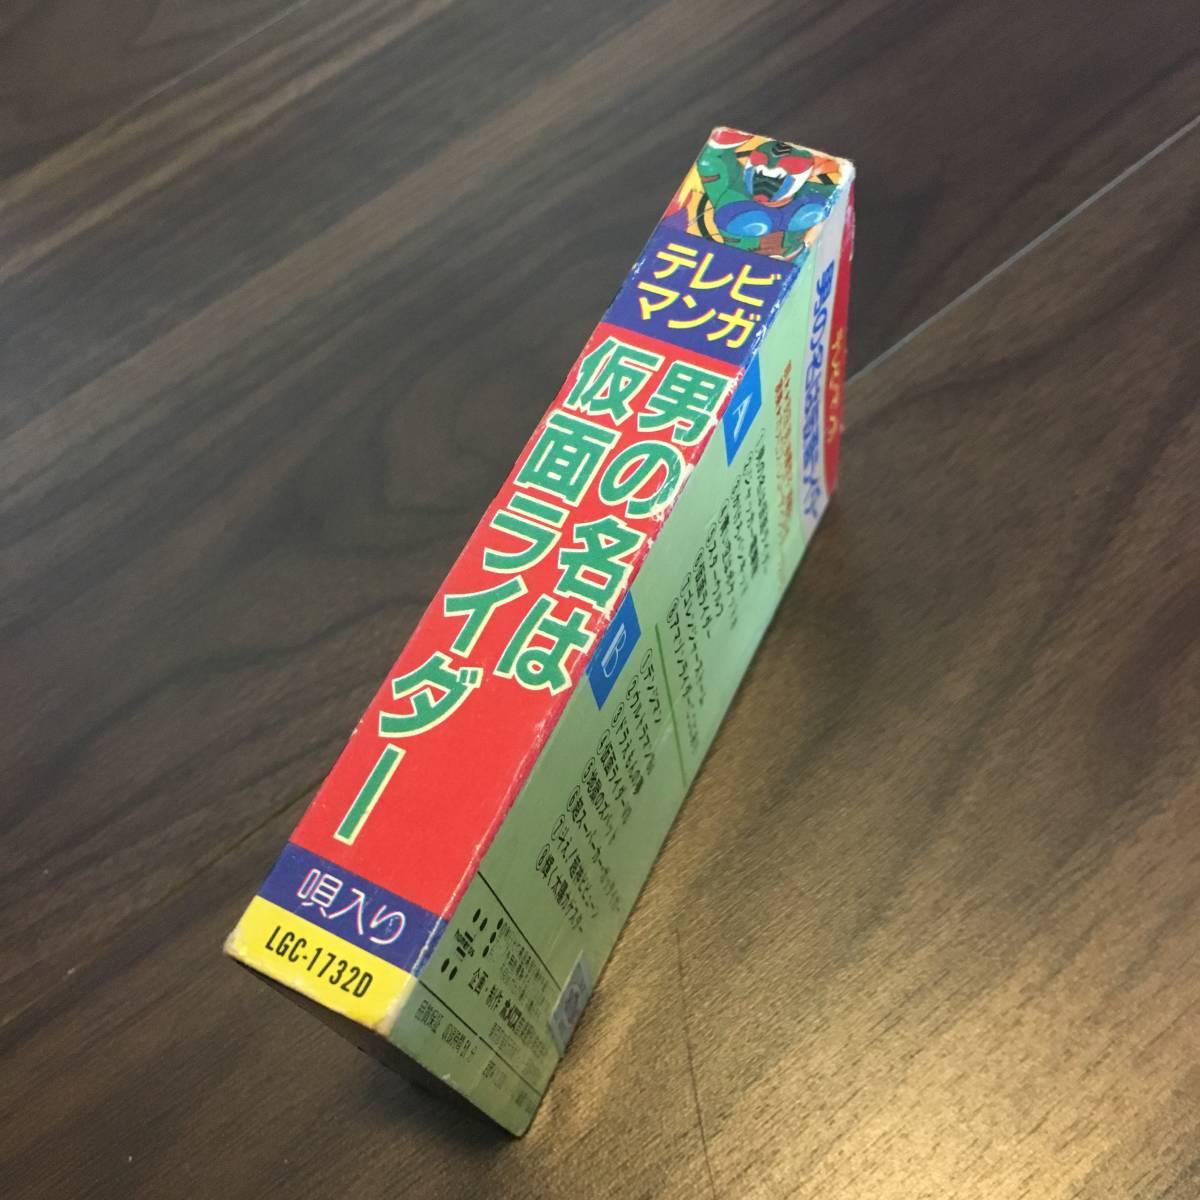 パチソン カセットテープ 男の名は仮面ライダー デンジマン ドラえもん アマゾン V3 ズバット アニソン アニメ 漫画 特撮 マンガ_画像3